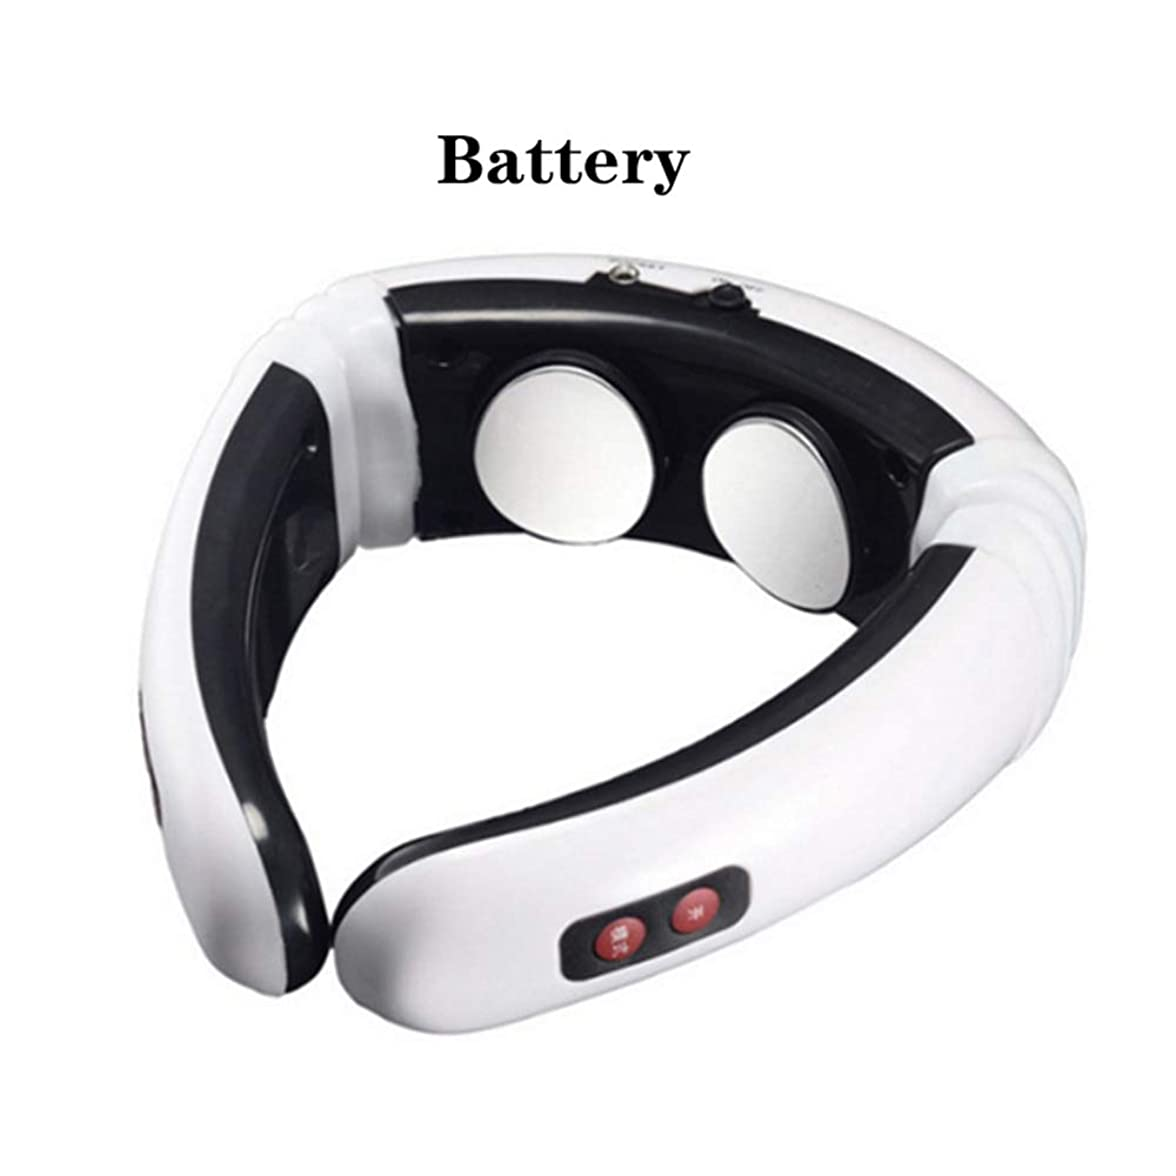 研究差し引くスライム電気パルス背中と首マッサージ熱子宮頸部リラクシングパルスマッサージデバイス痛みを軽減するヘルスケアツール,Battery